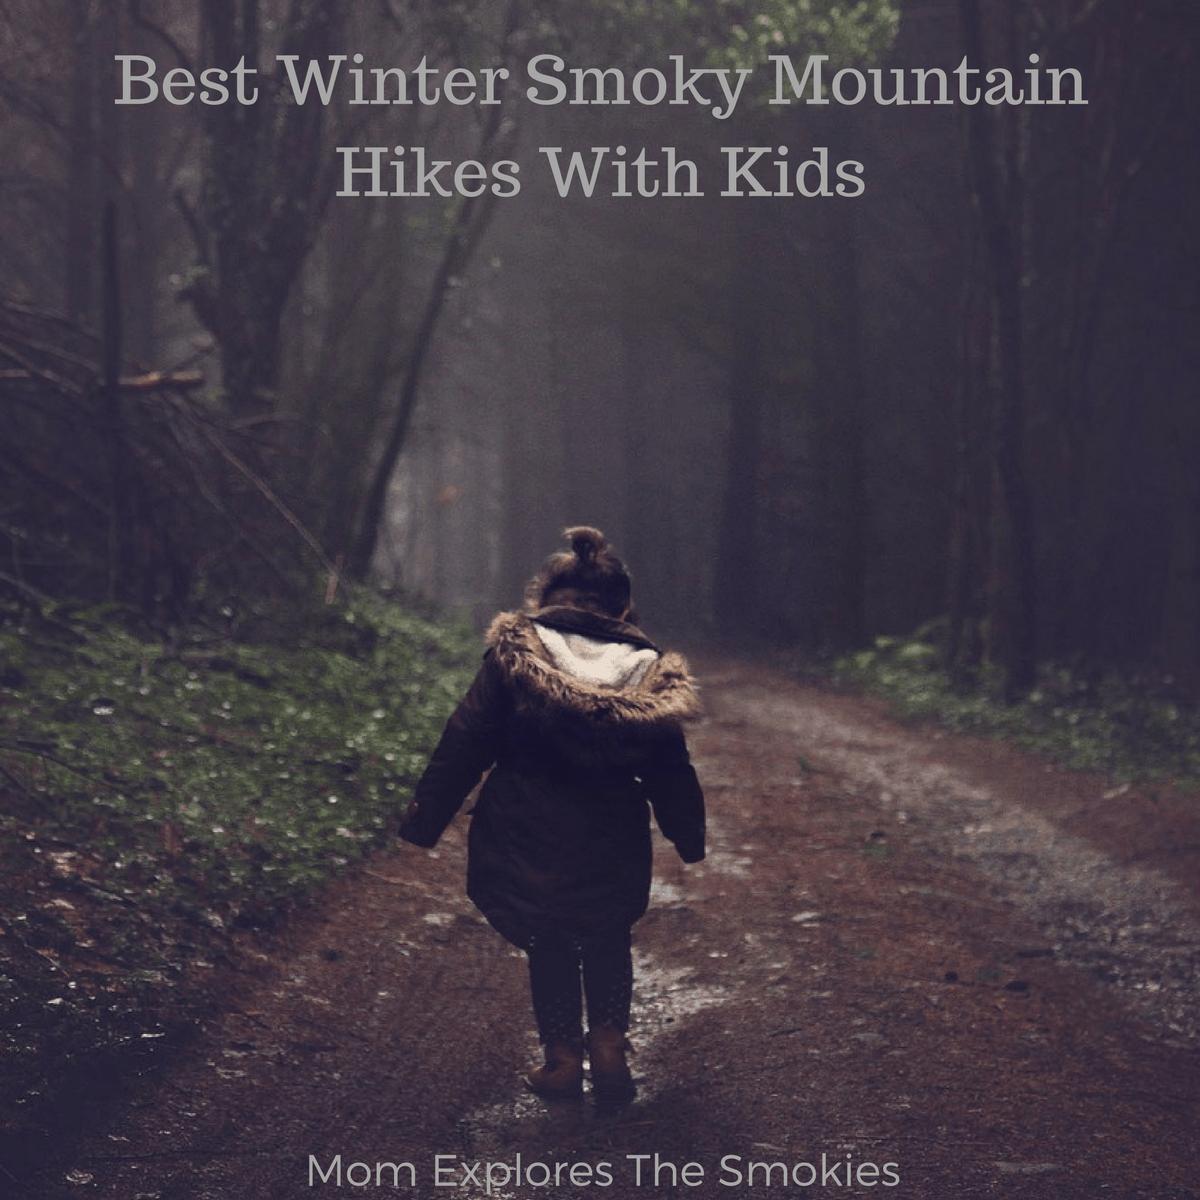 Best Winter Smoky Mountain Hikes With Kids, Mom Explores The Smokies